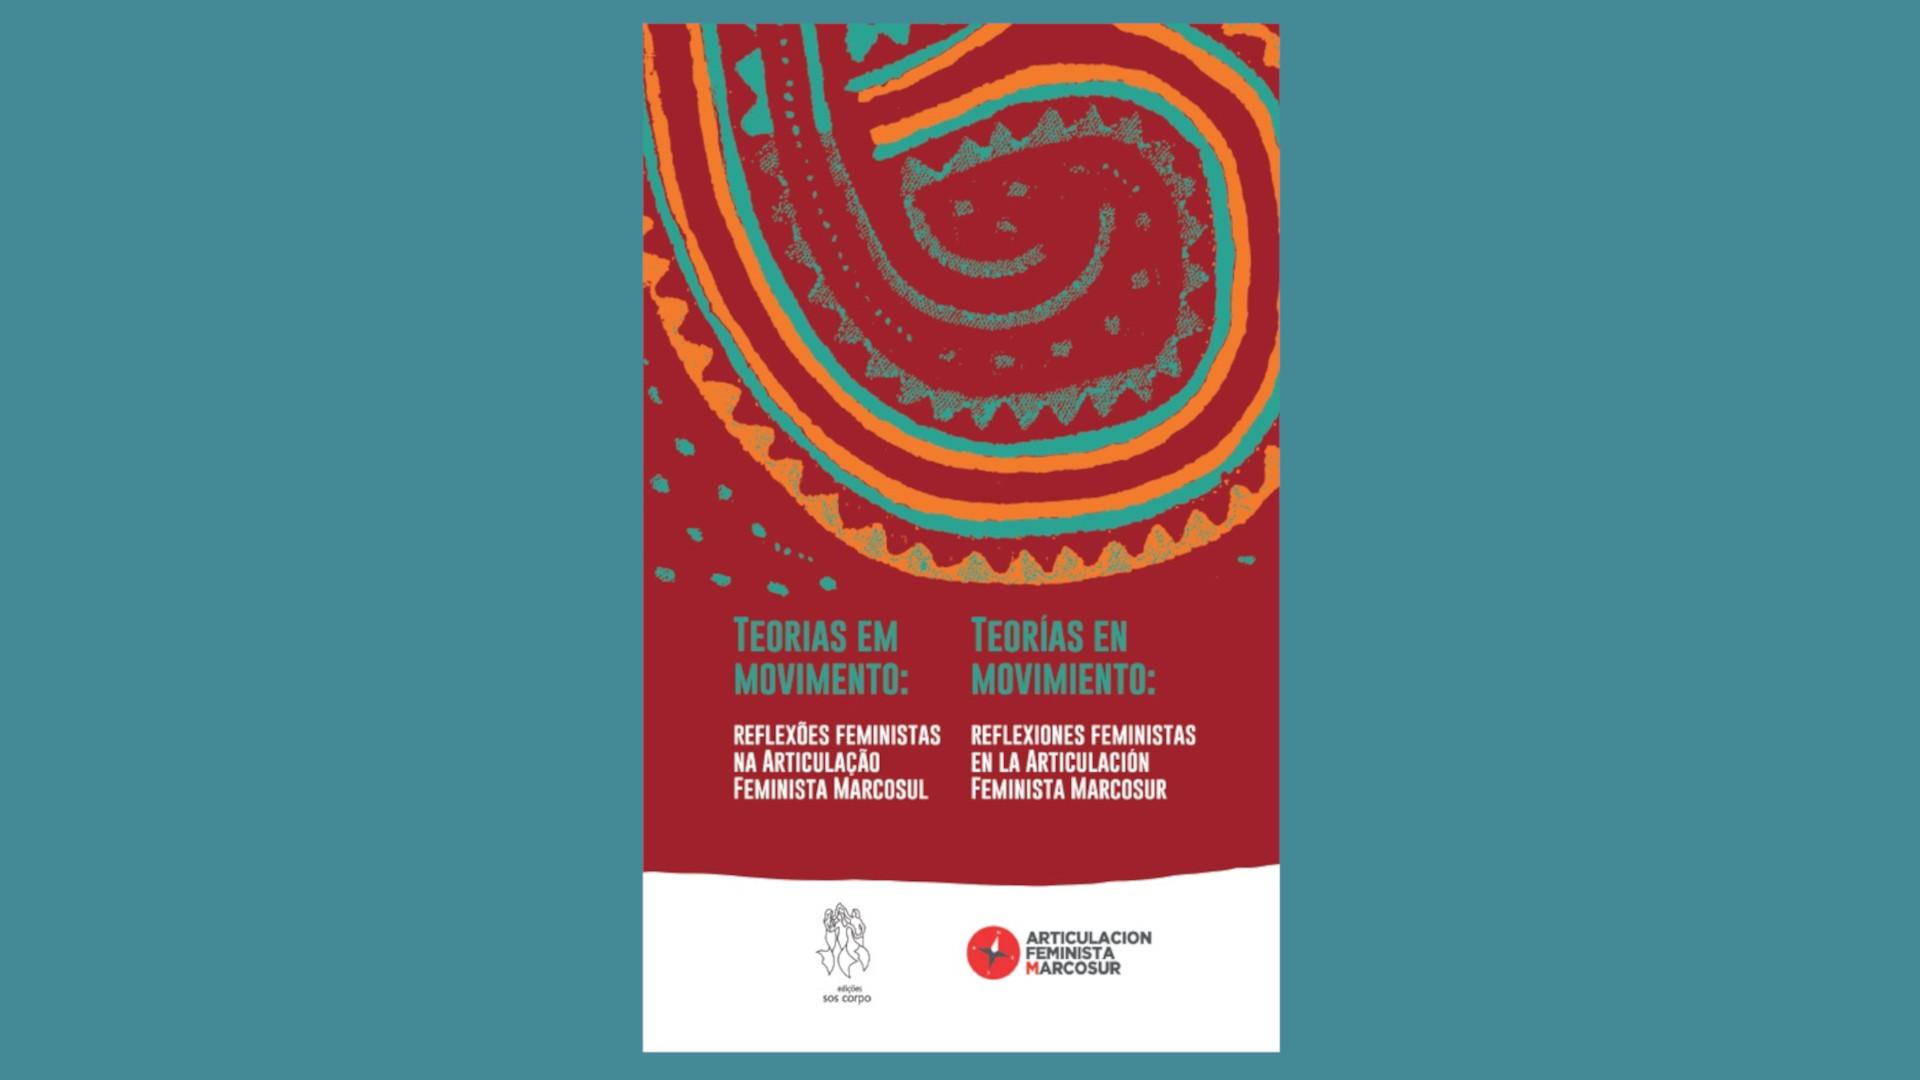 [Livro] Teoria em Movimento: reflexões feministas na Articulação Feminista Marcosul